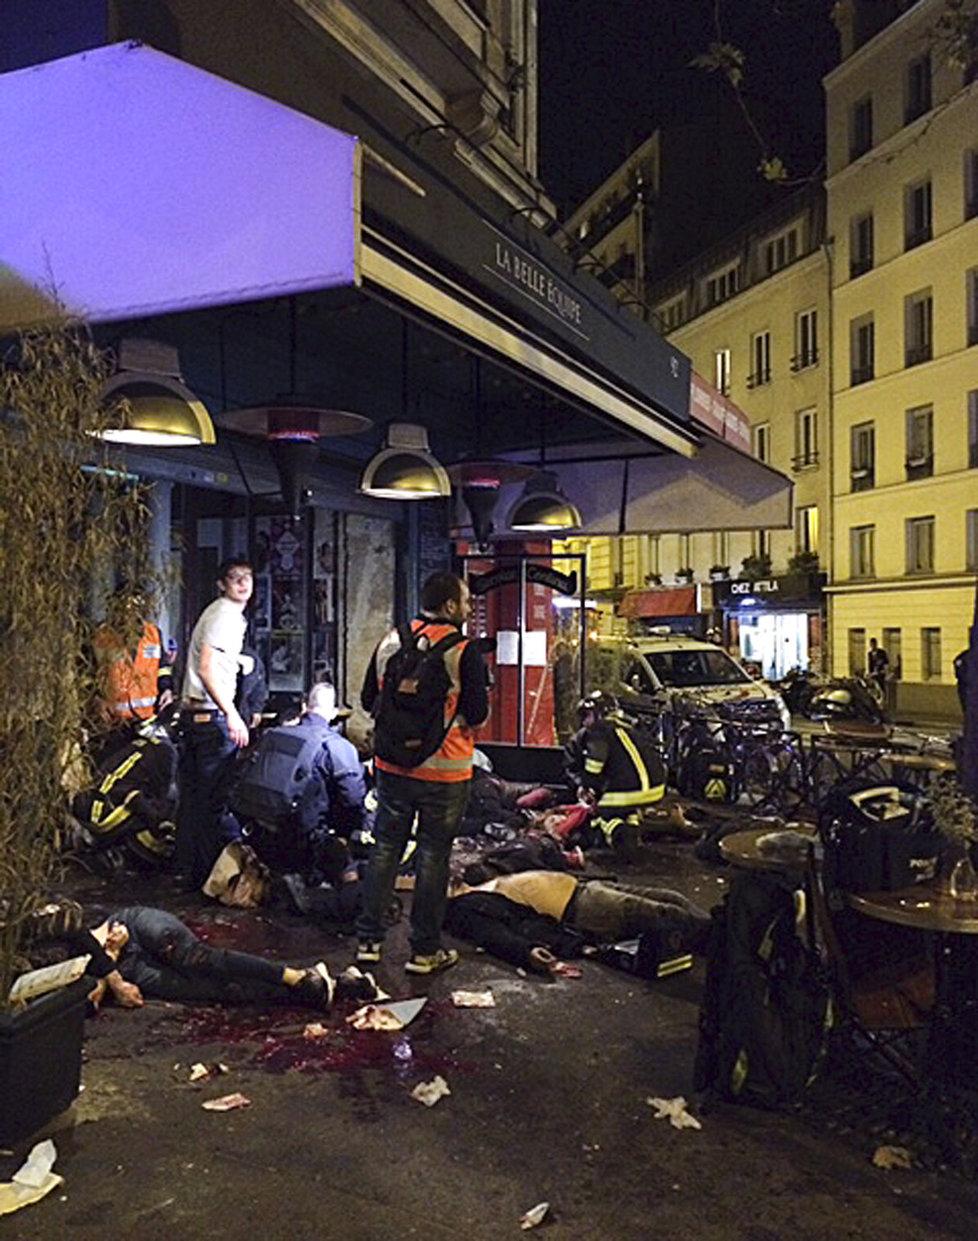 Hrozivý obrázek z ulic Paříže. Mrtvá těla, krev, zranění a do toho všudypřítomný strach a panika.